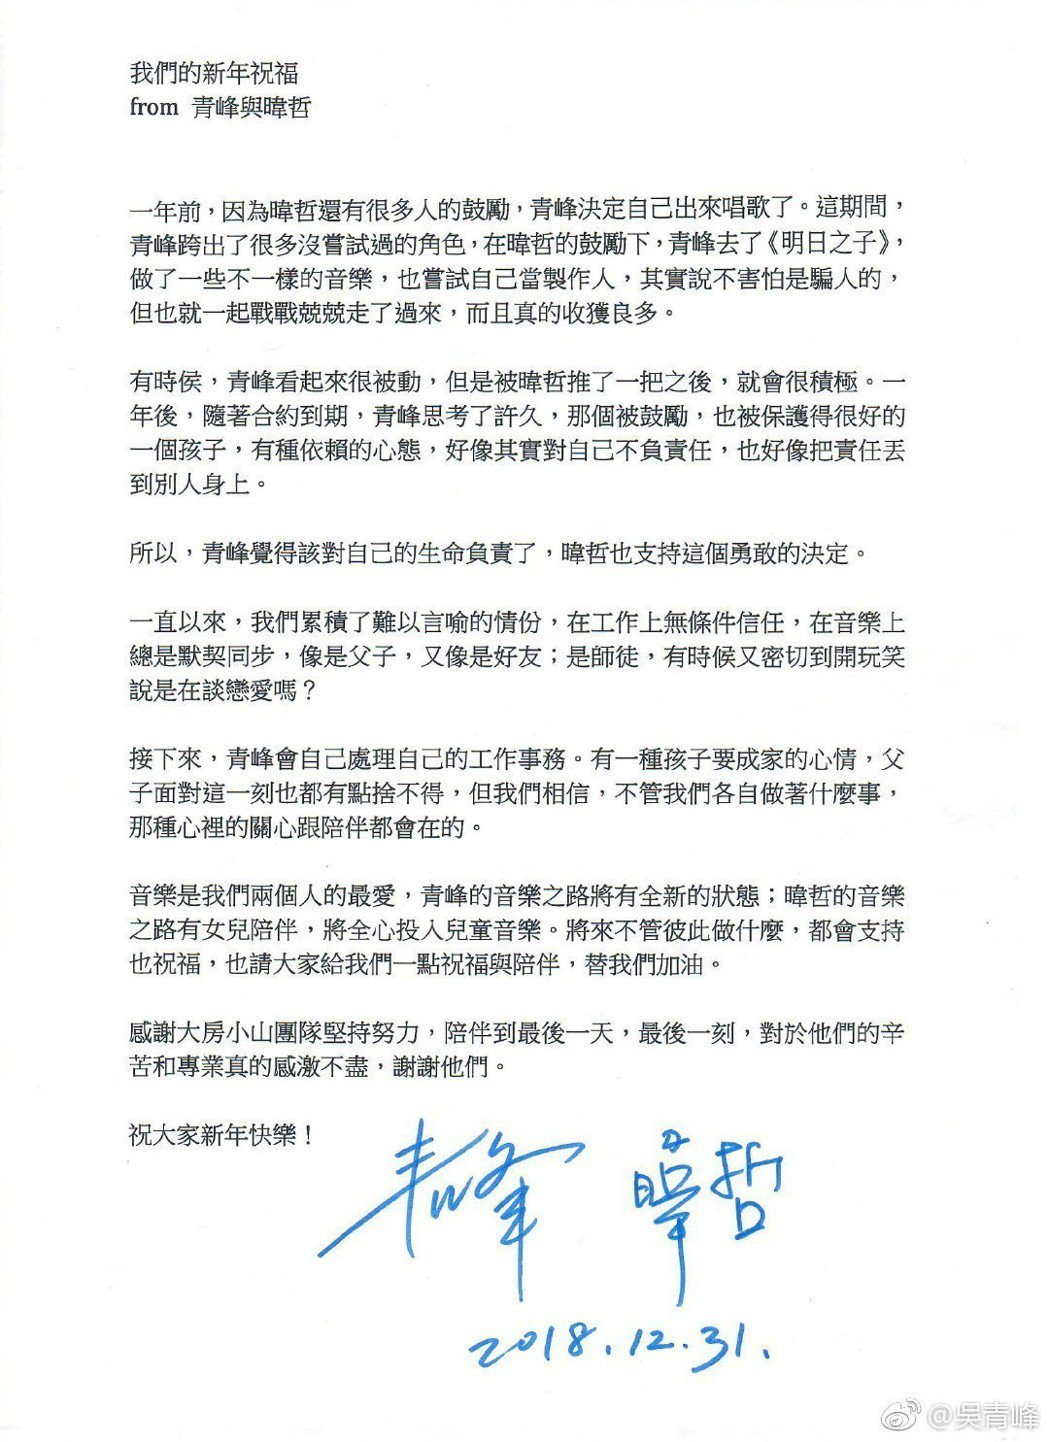 吳青峰透過微博發表聲明。圖/摘自微博